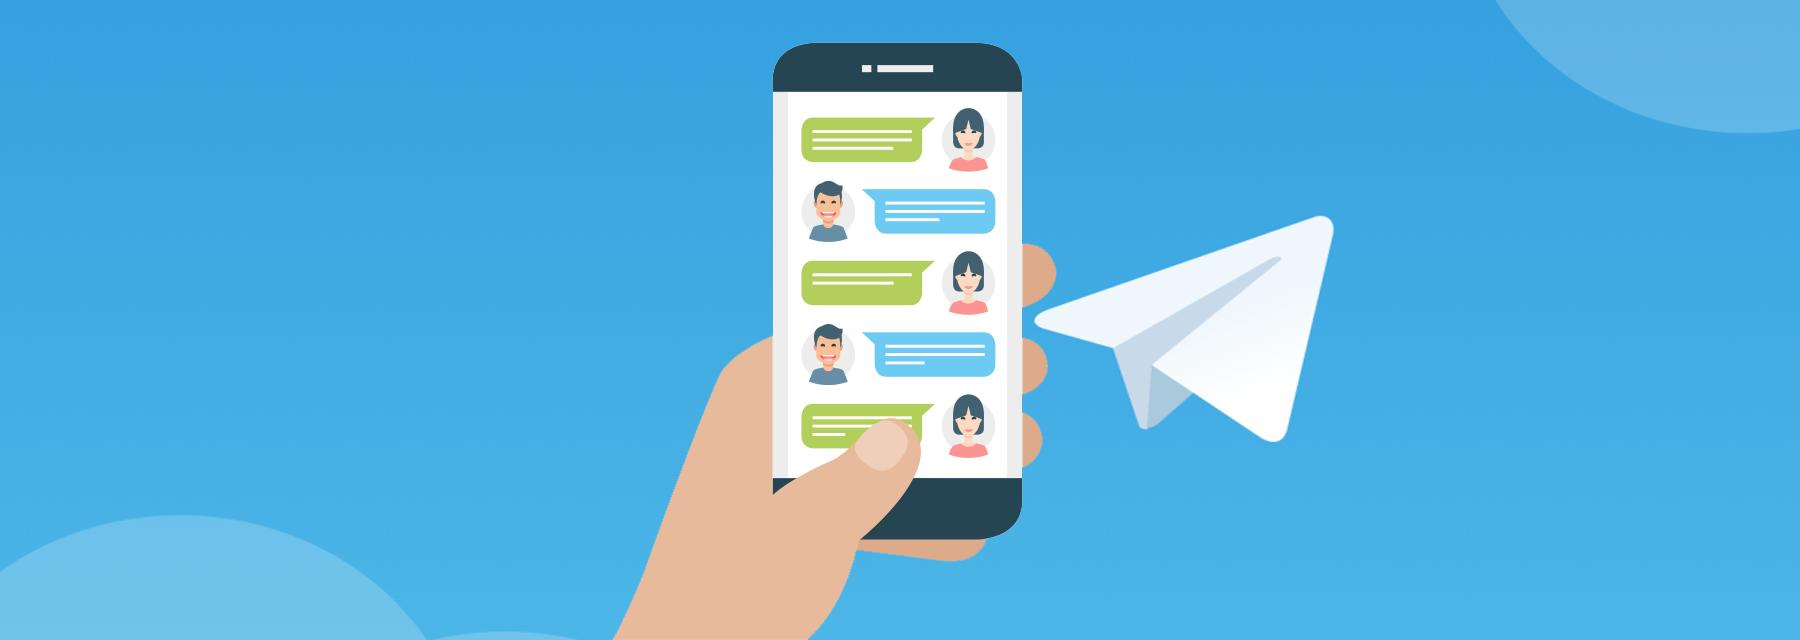 картинка: что такое телеграм и как он работает